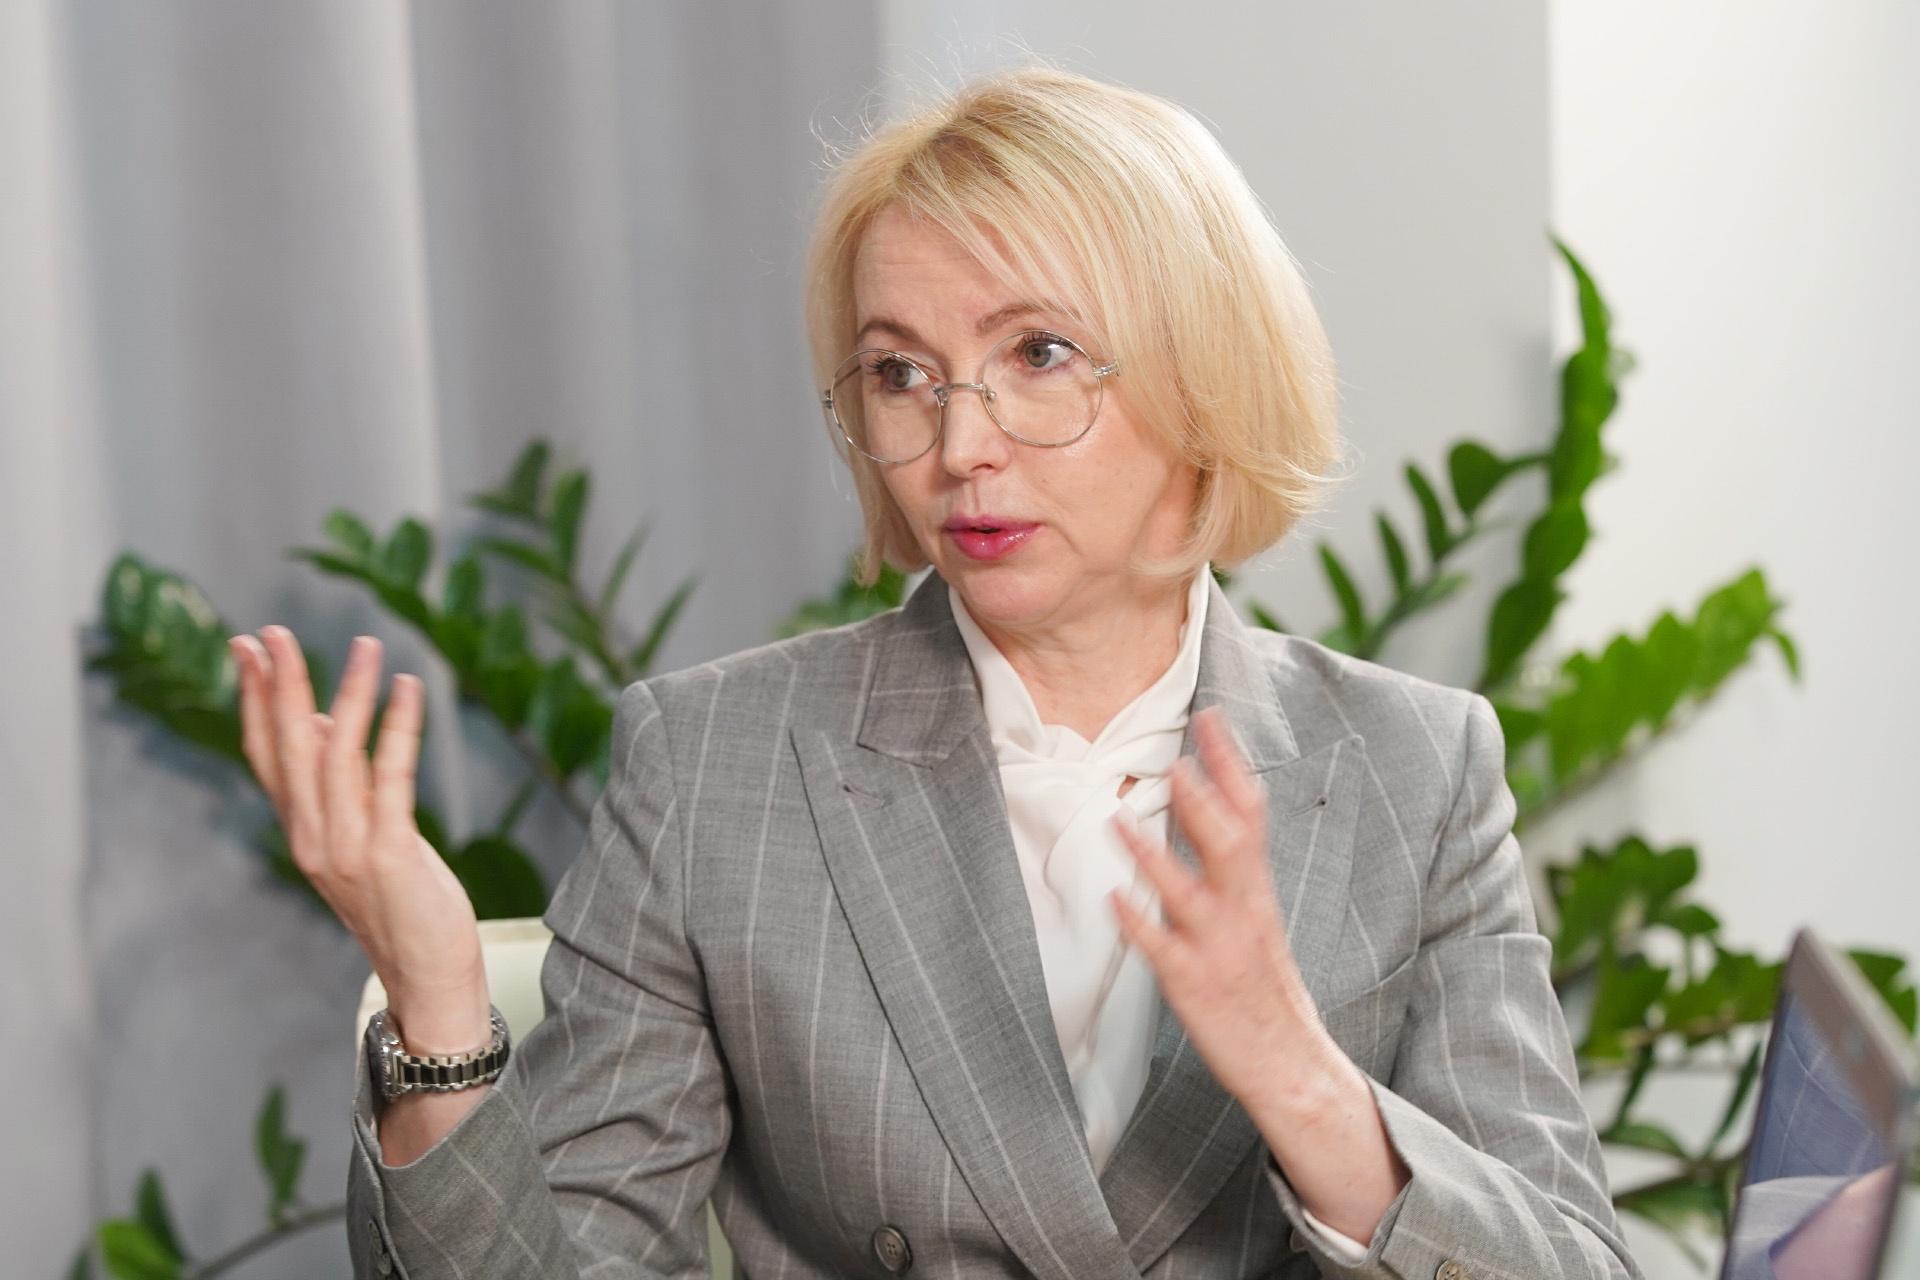 По словам Ирины Гехт, работа ведётся по всем типам жалоб, и результаты уже видны